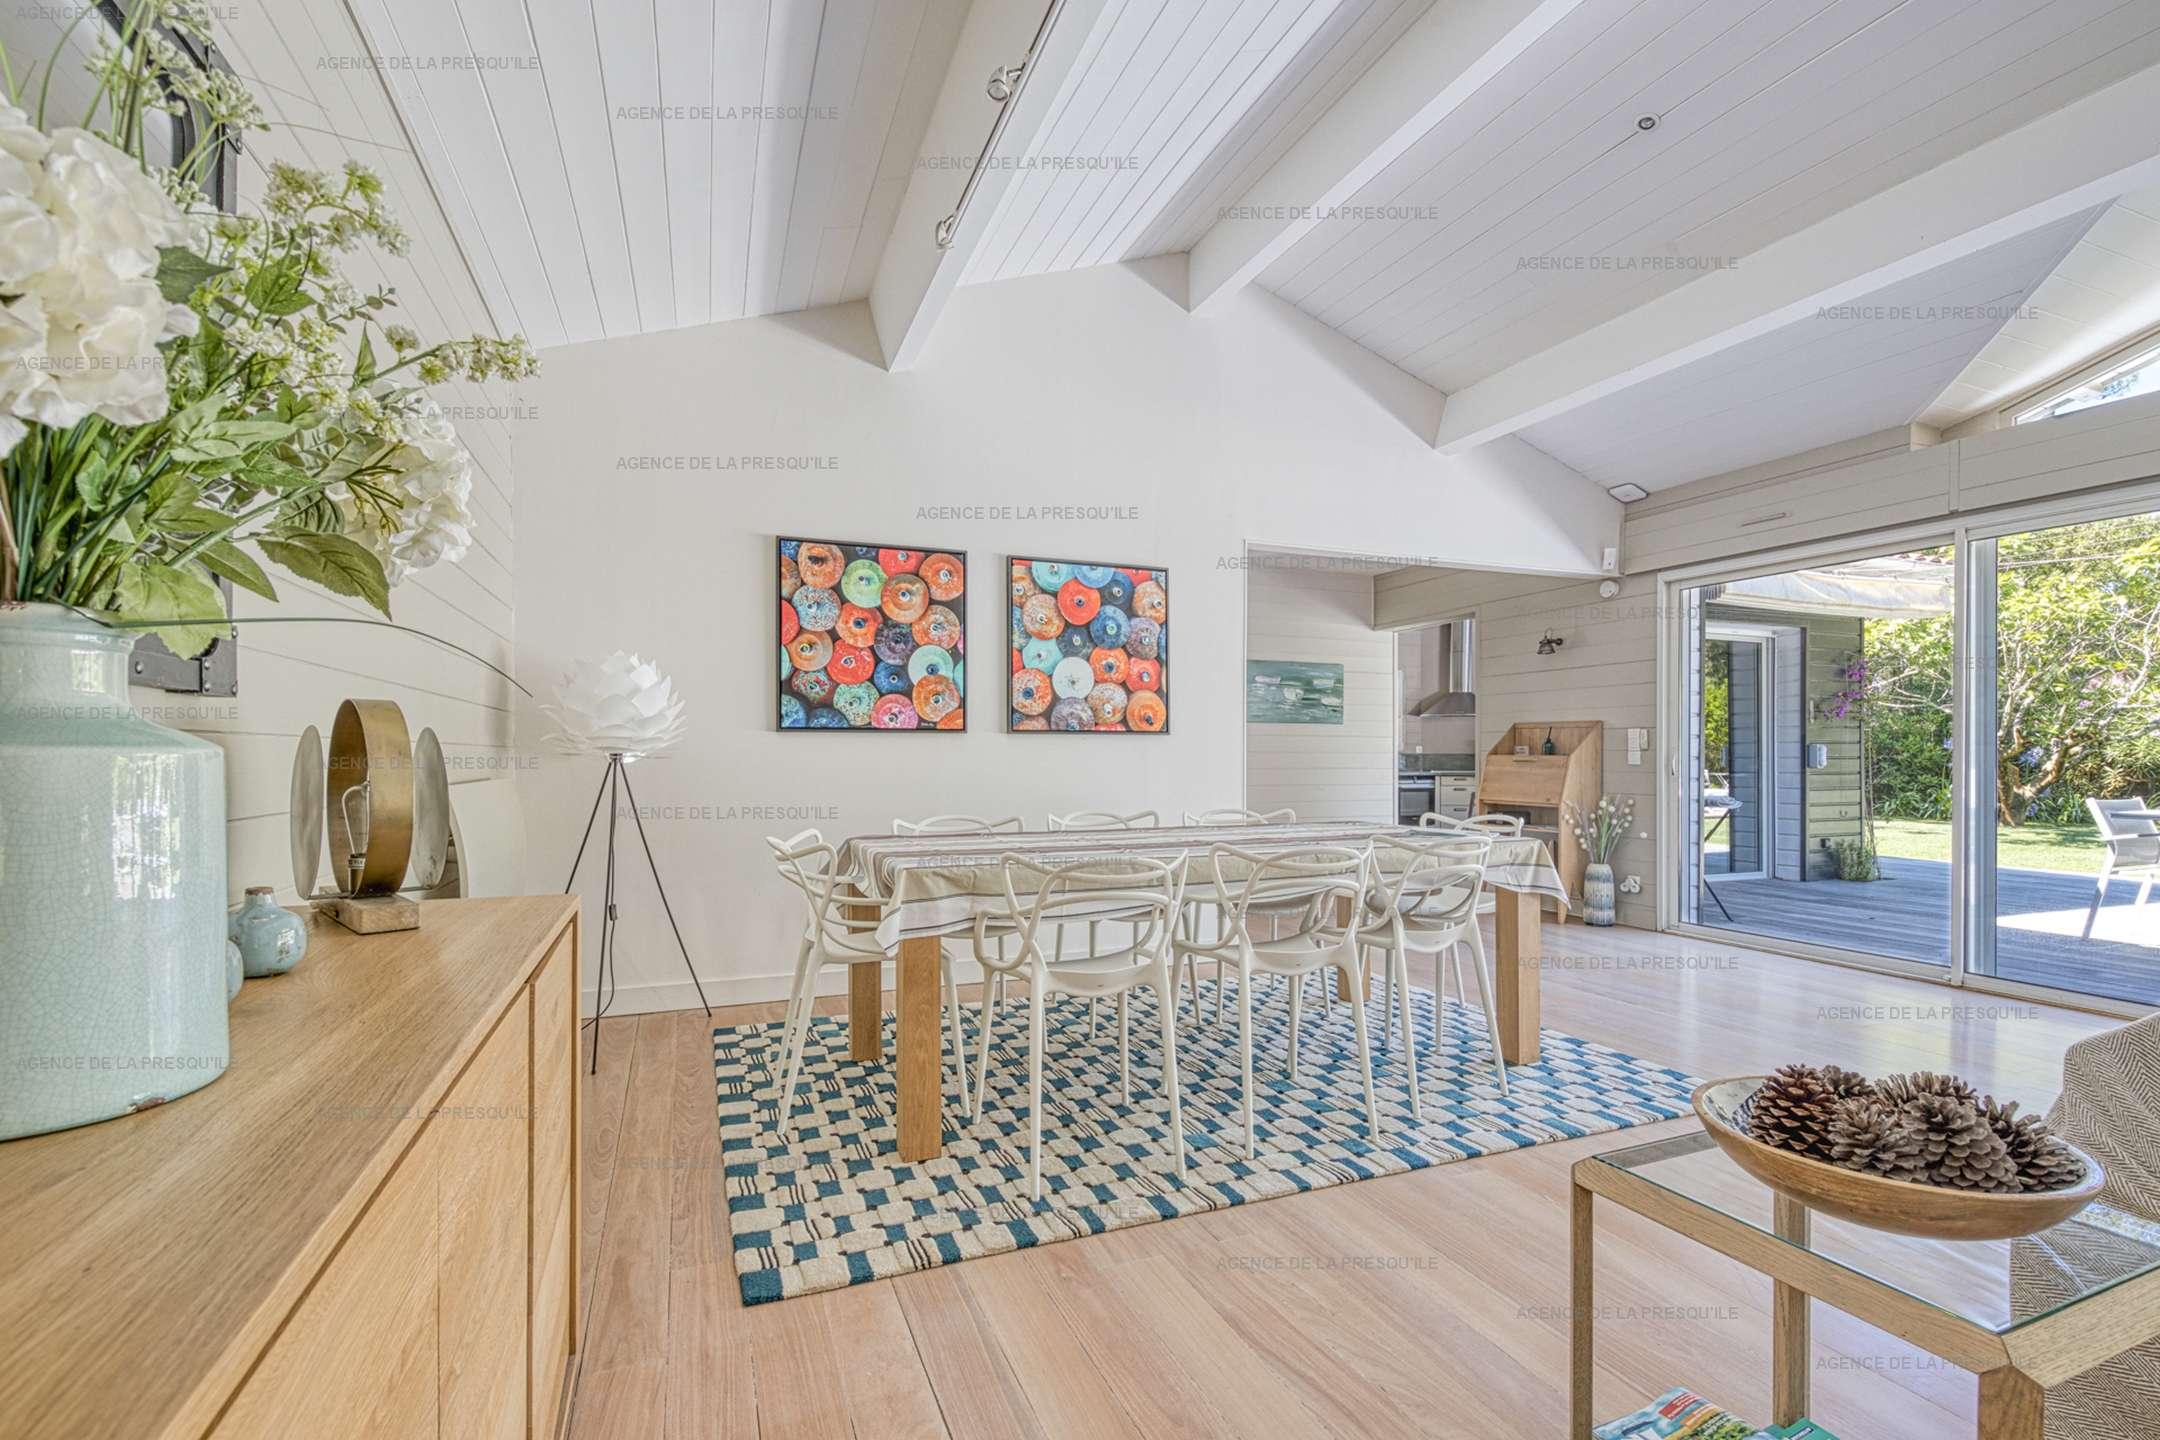 Location: Au calme, très belle villa en bois avec piscine chauffée 6